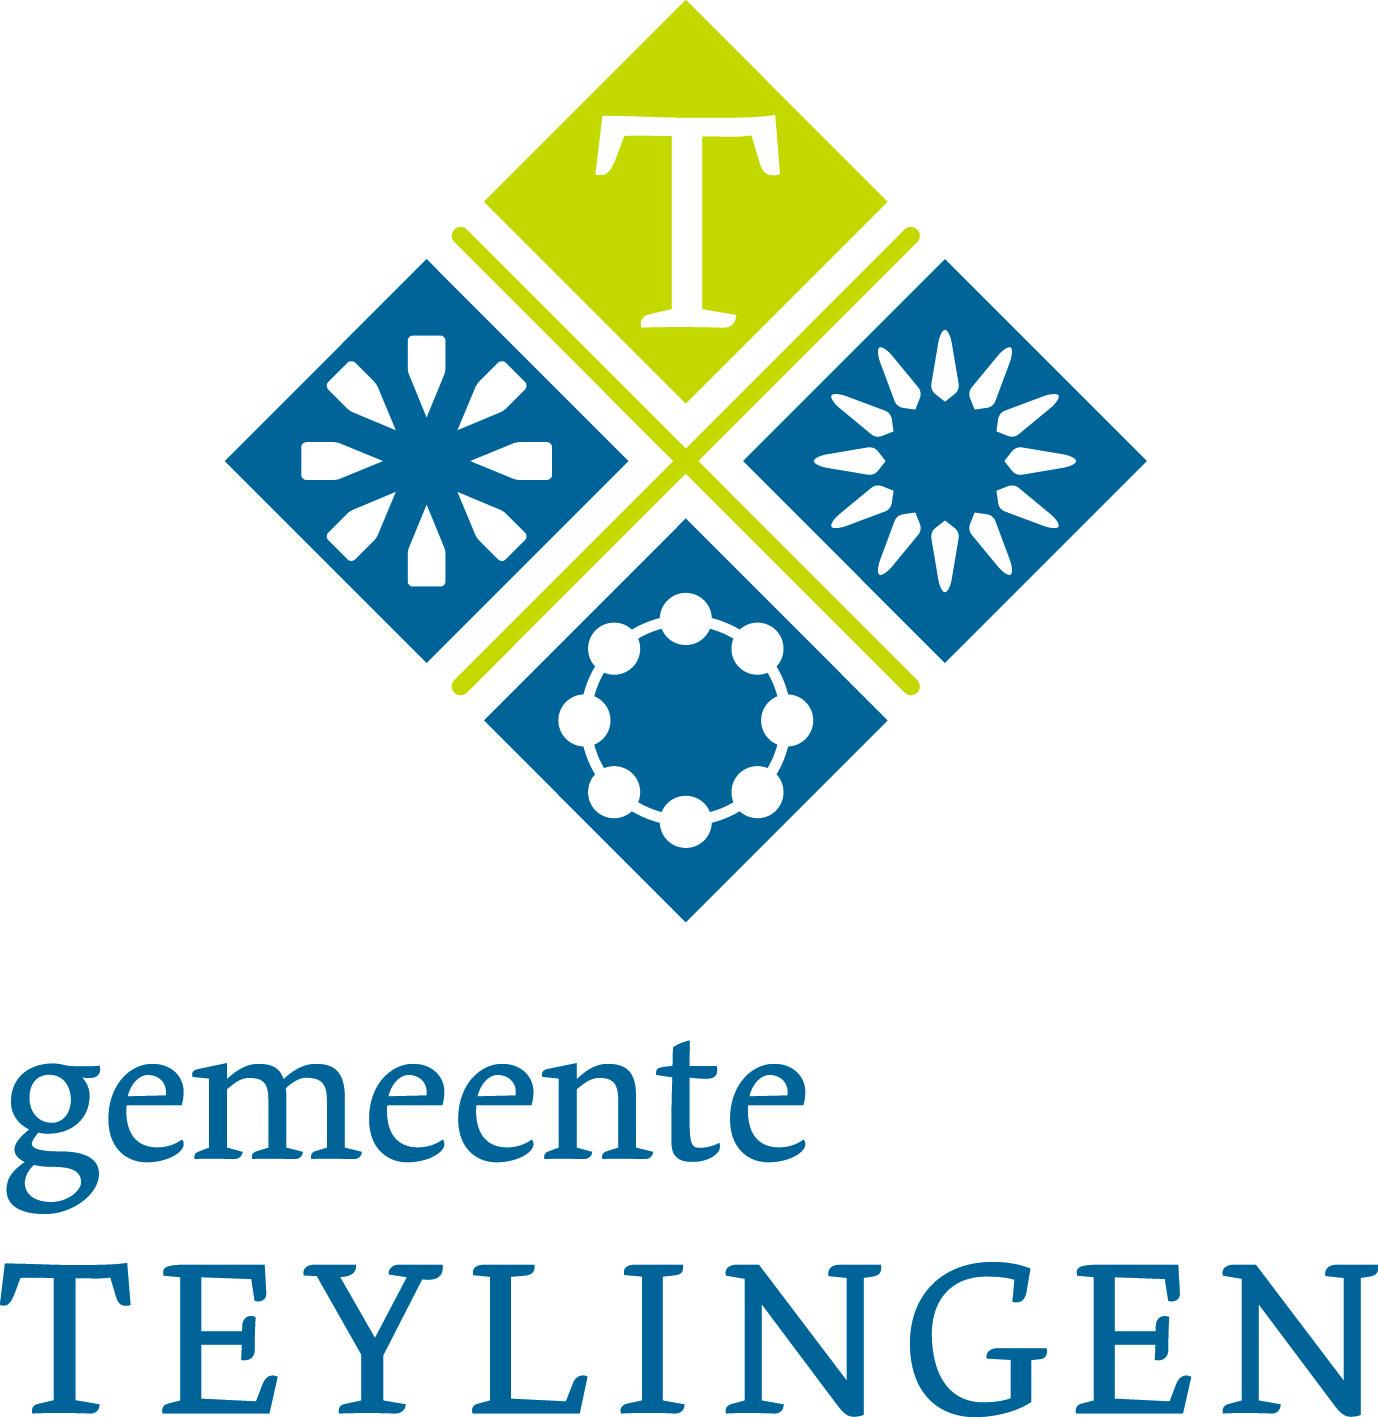 gemeente-teylingen-greenport-duin-en-bollenstreek